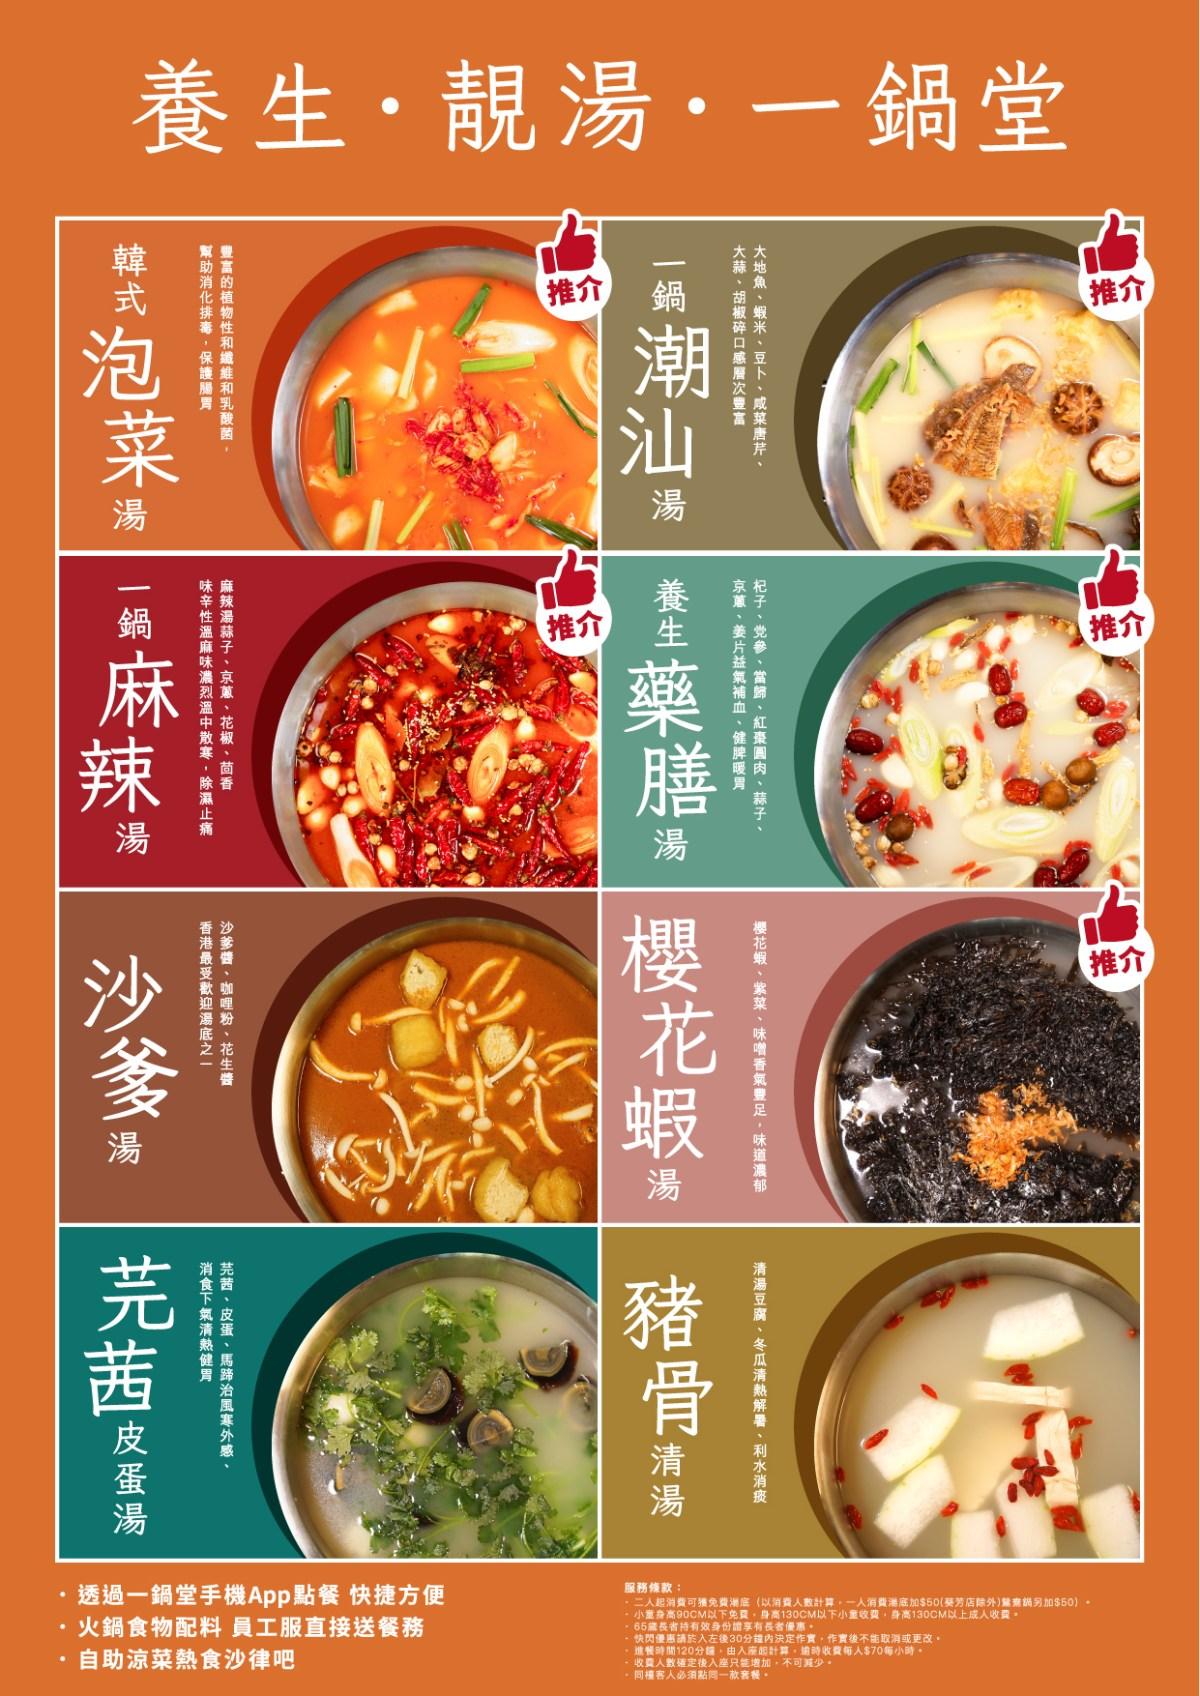 一鍋堂主打超過 18 款養生湯底,大家用餐時可以「先飲湯,後打邊爐」